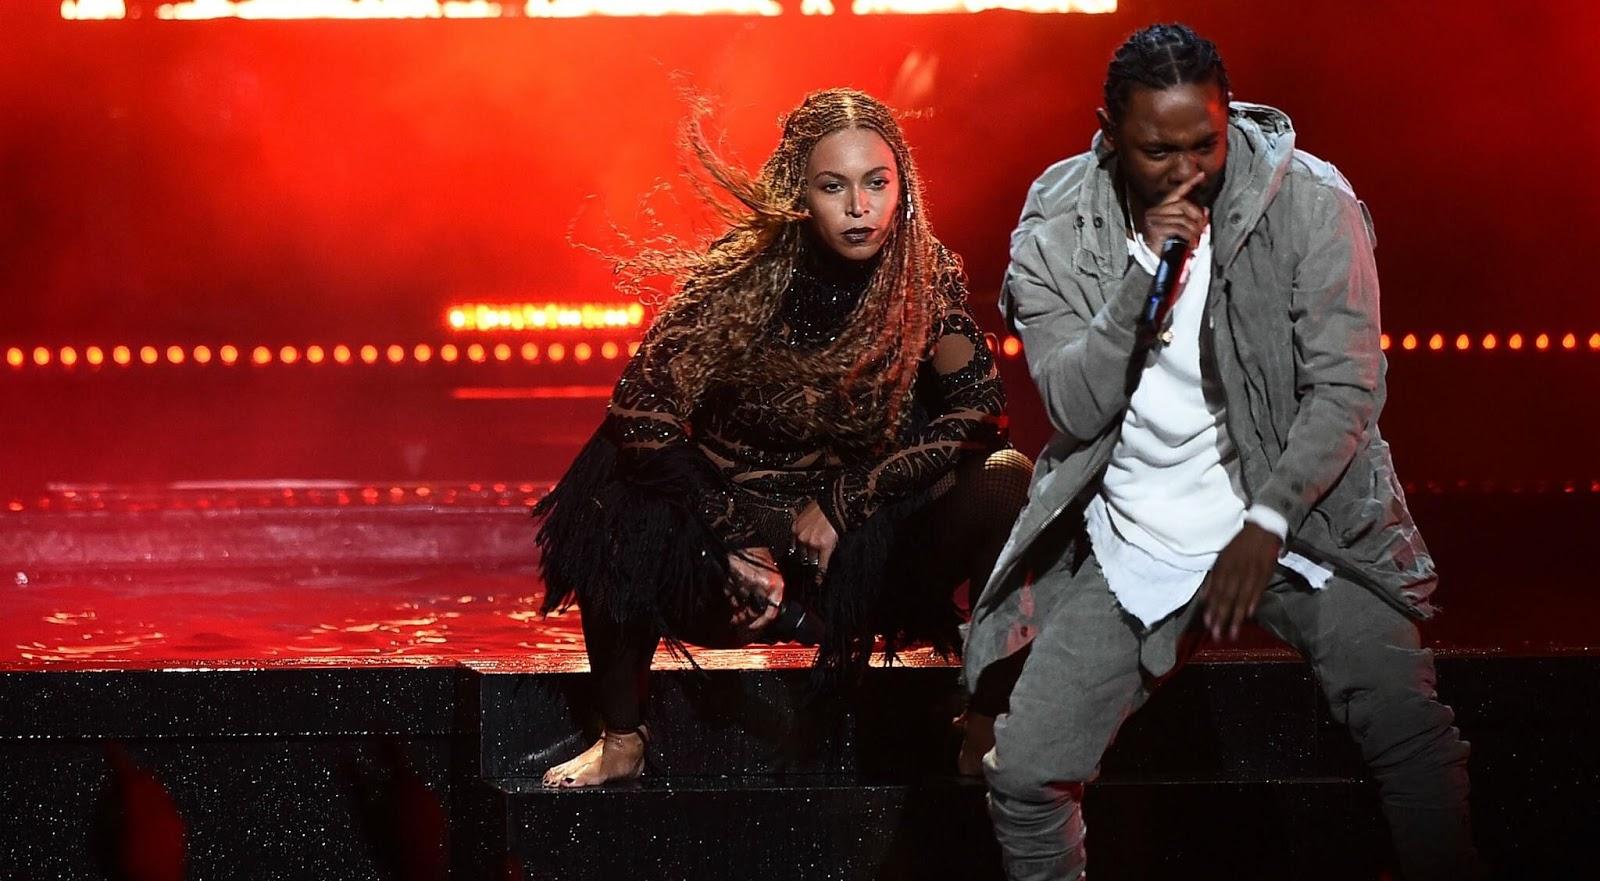 """El próximo sencillo de Beyoncé podría ser """"Freedom"""" en colaboración con Kendrick Lamar"""